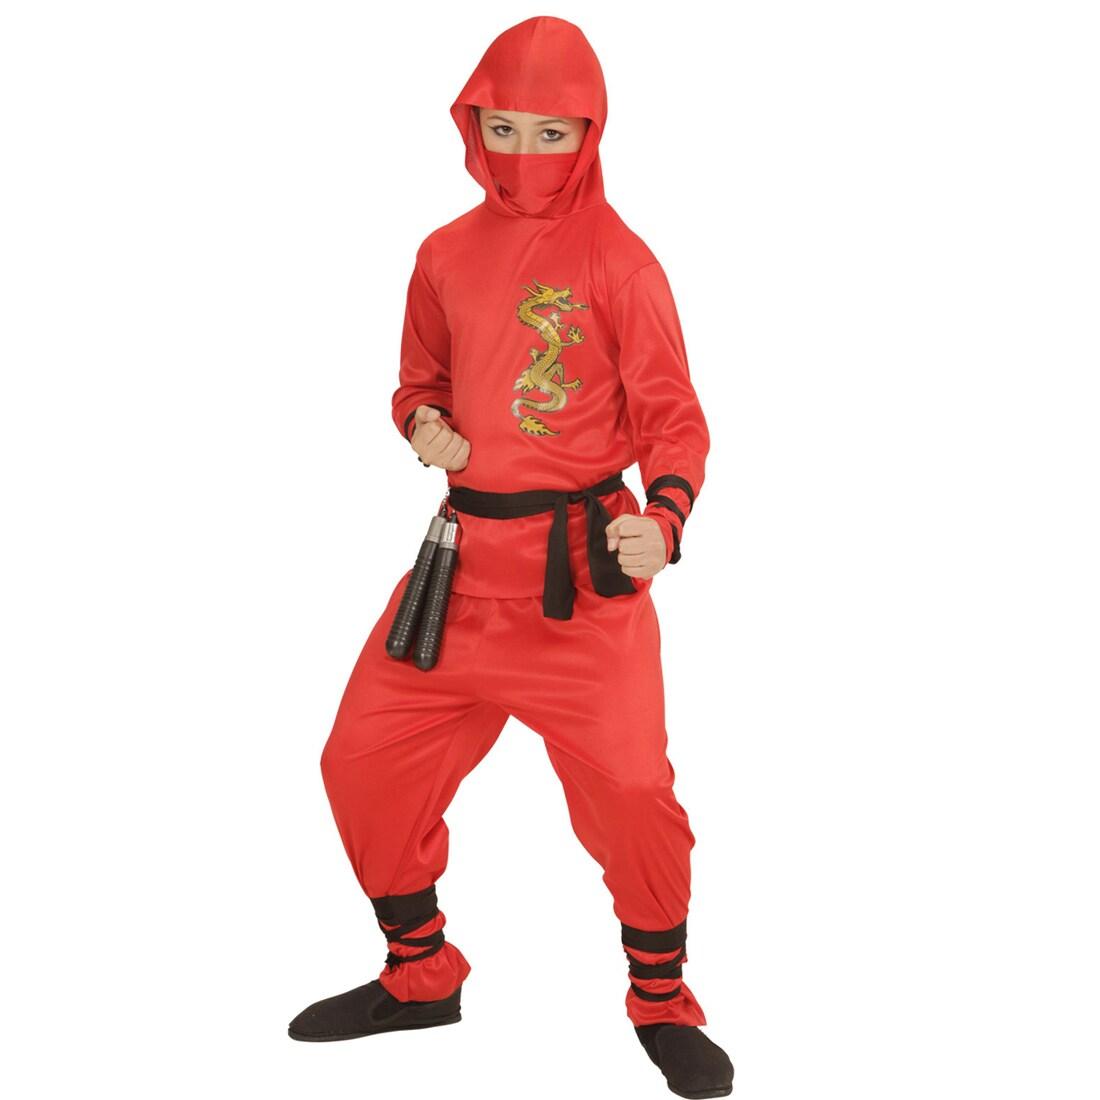 rotes ninja kost m kind ninjakost m samurai 14 99. Black Bedroom Furniture Sets. Home Design Ideas